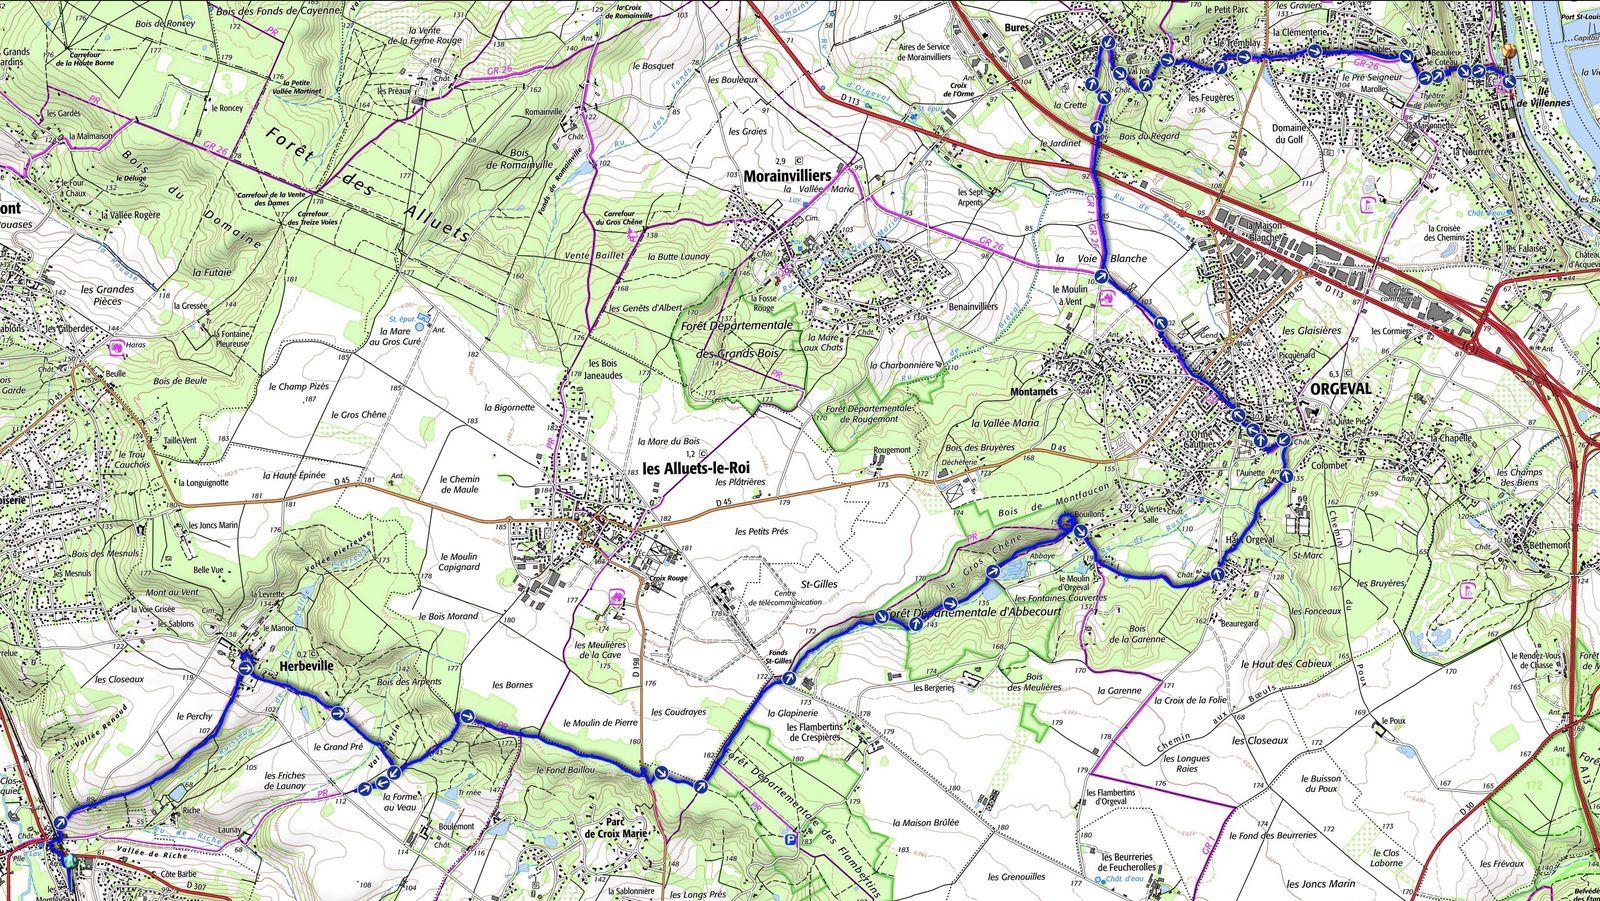 Randonnée de Mareil-sur-Mauldre à Villennes-sur-Seine, 19,7 km.